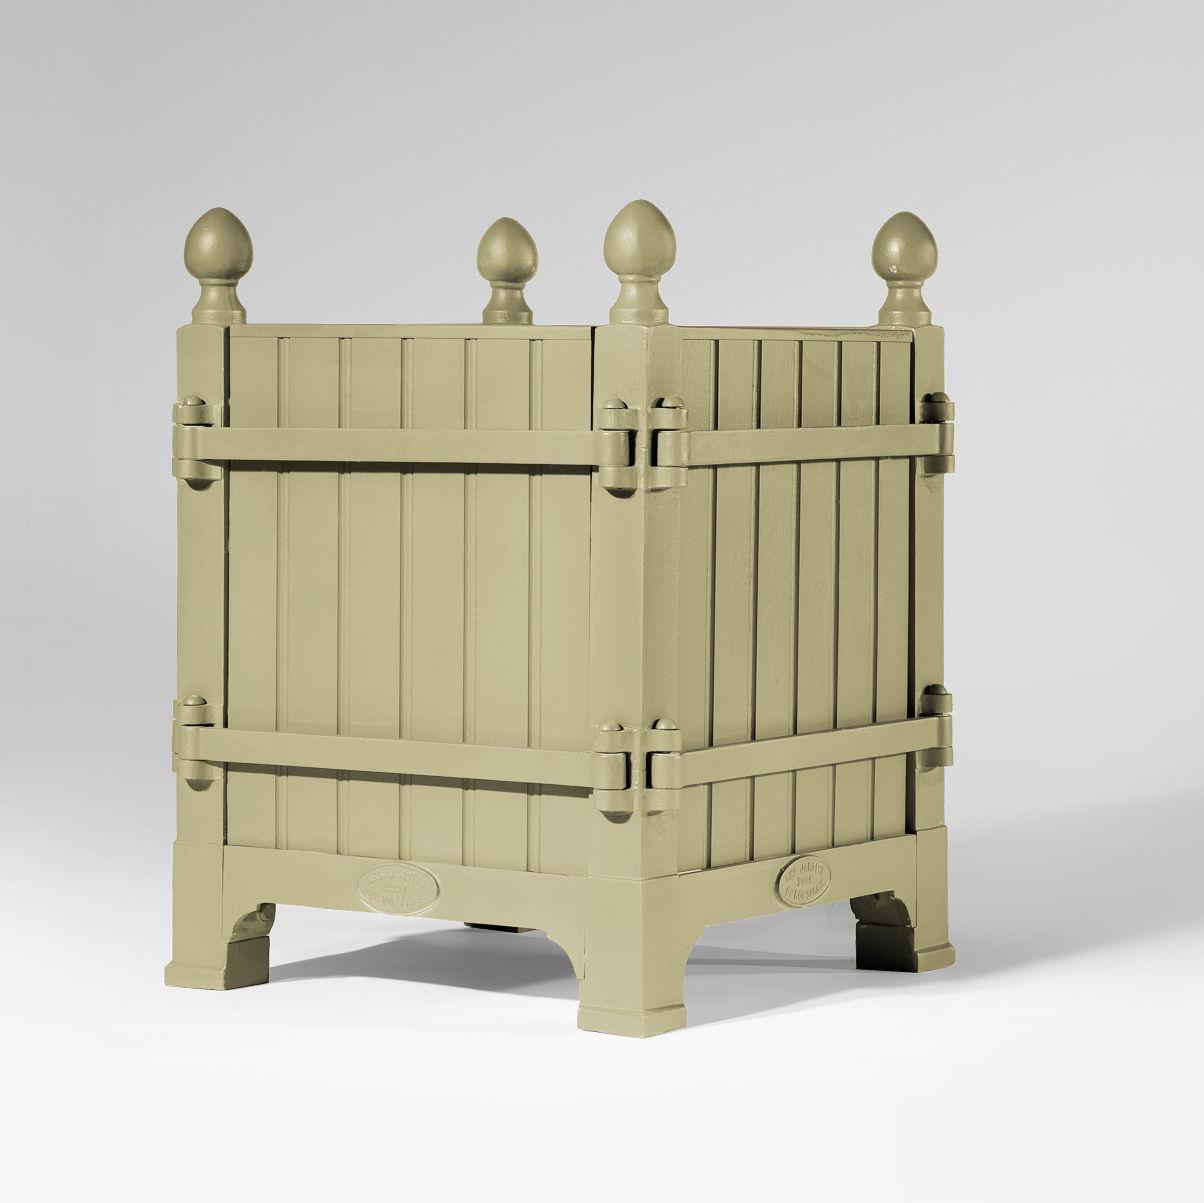 Planter Dans Une Caisse En Bois cast iron planter / oak / square / custom - caisse À oranger